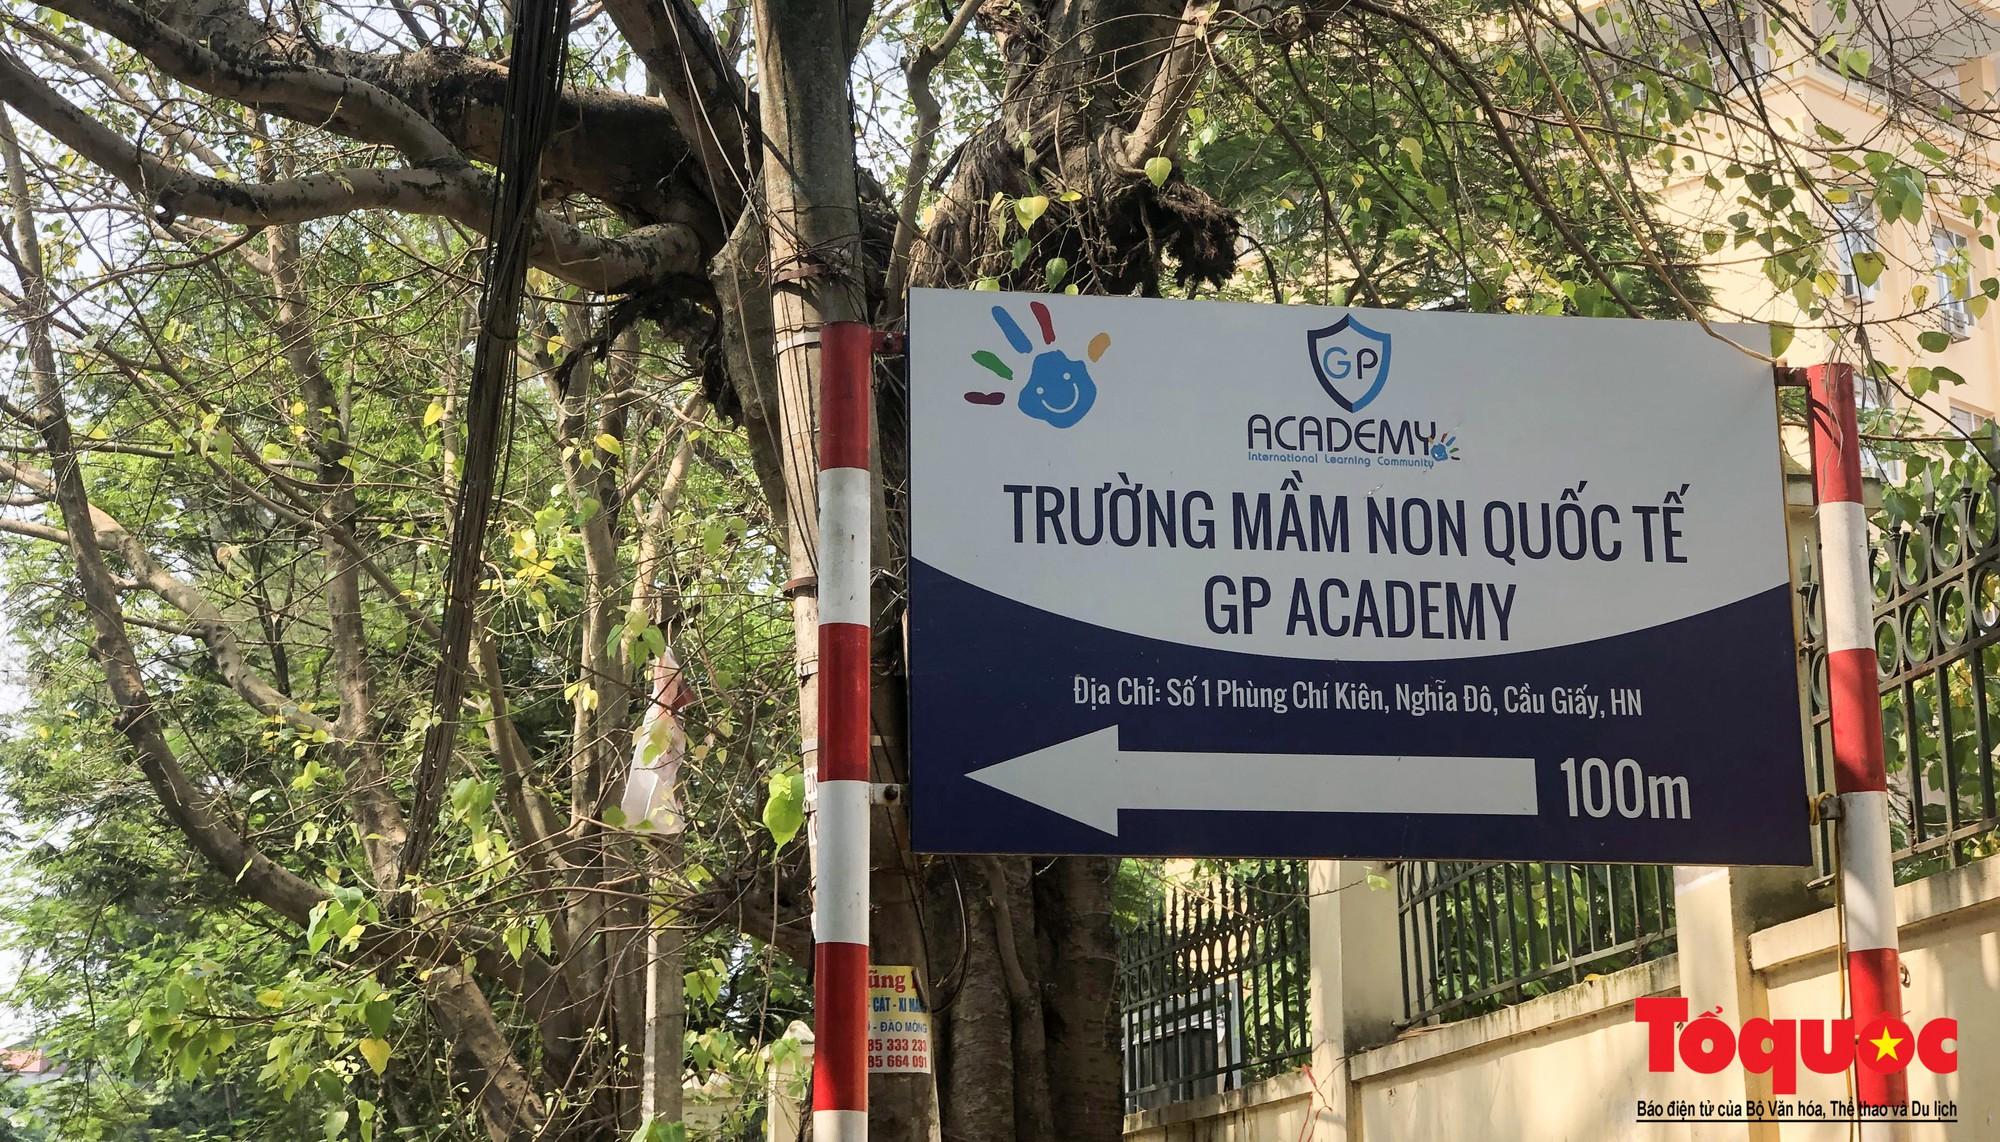 Loạn danh xưng trường quốc tế trên địa bàn quận Cầu Giấy (27)